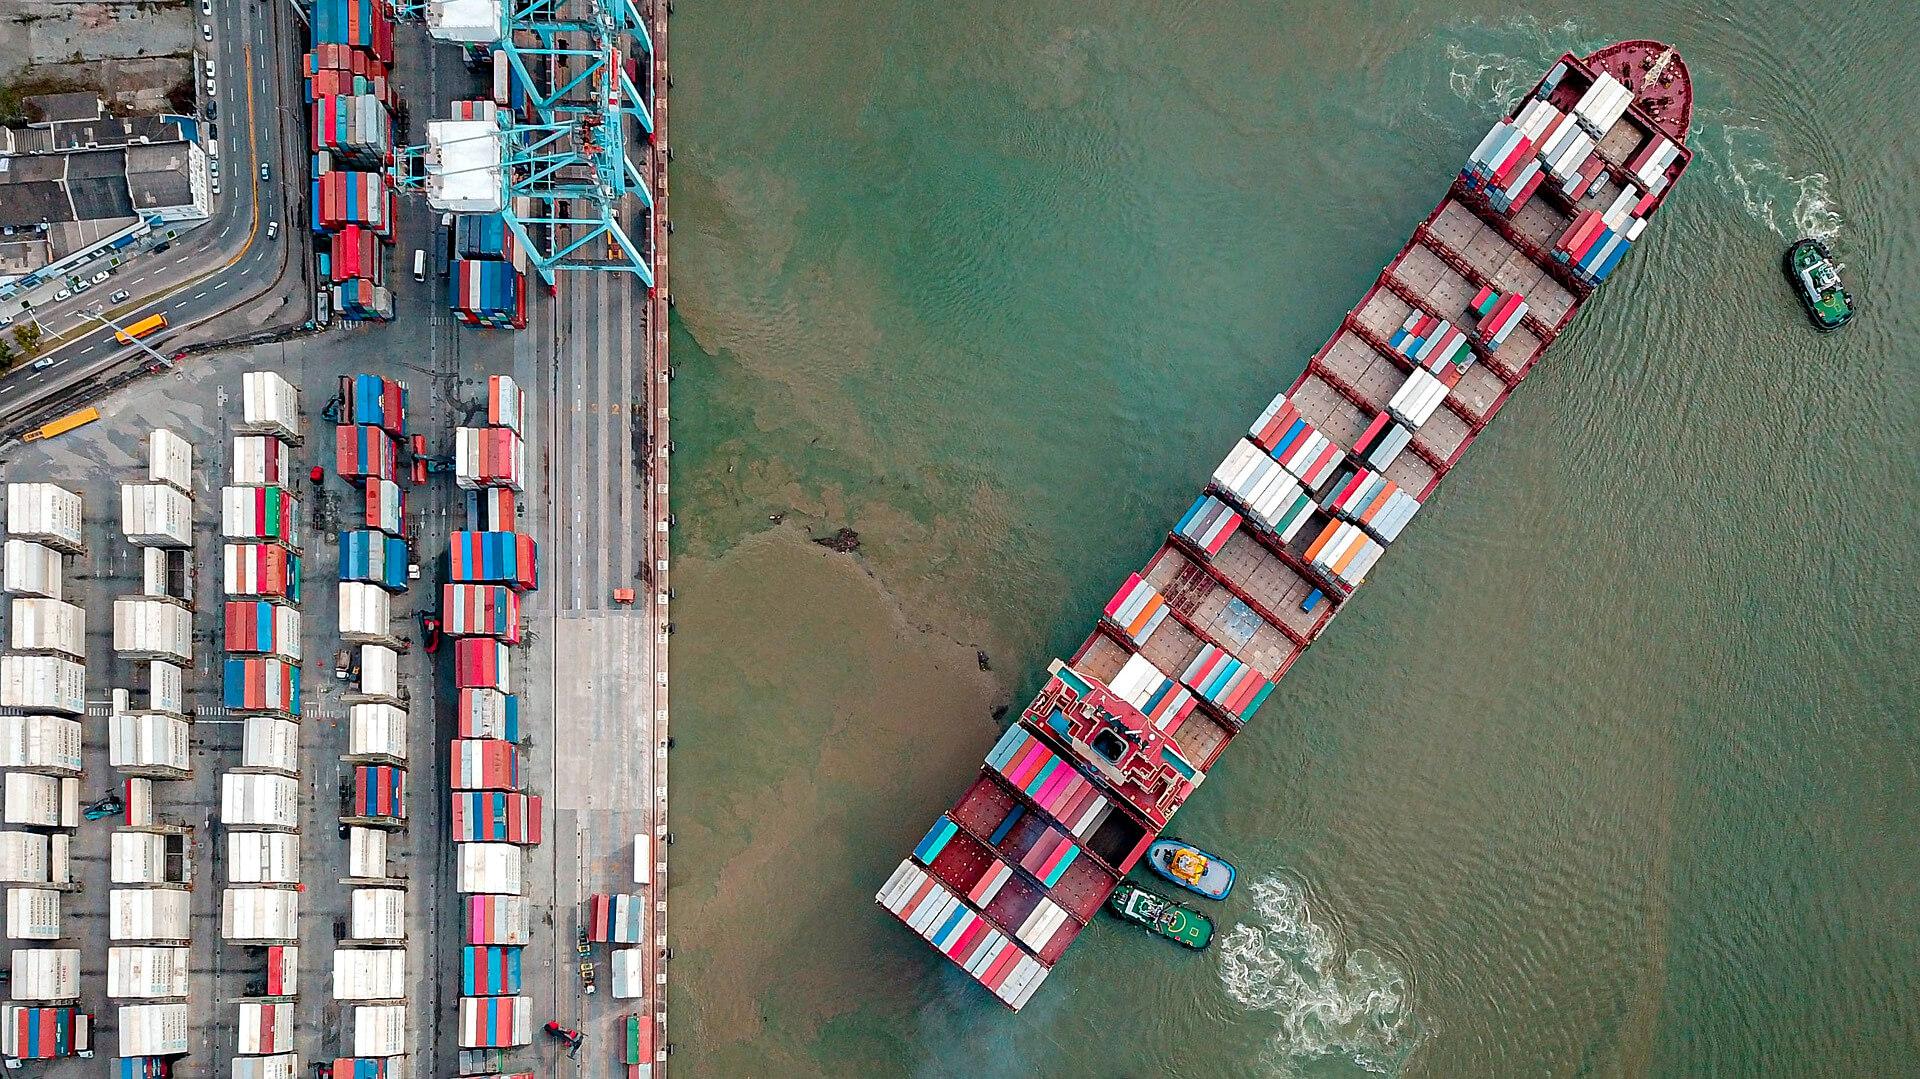 Dėl laivybos tvarkaraščių patikimumo kritimo logistikos bendrovės netenka klientų